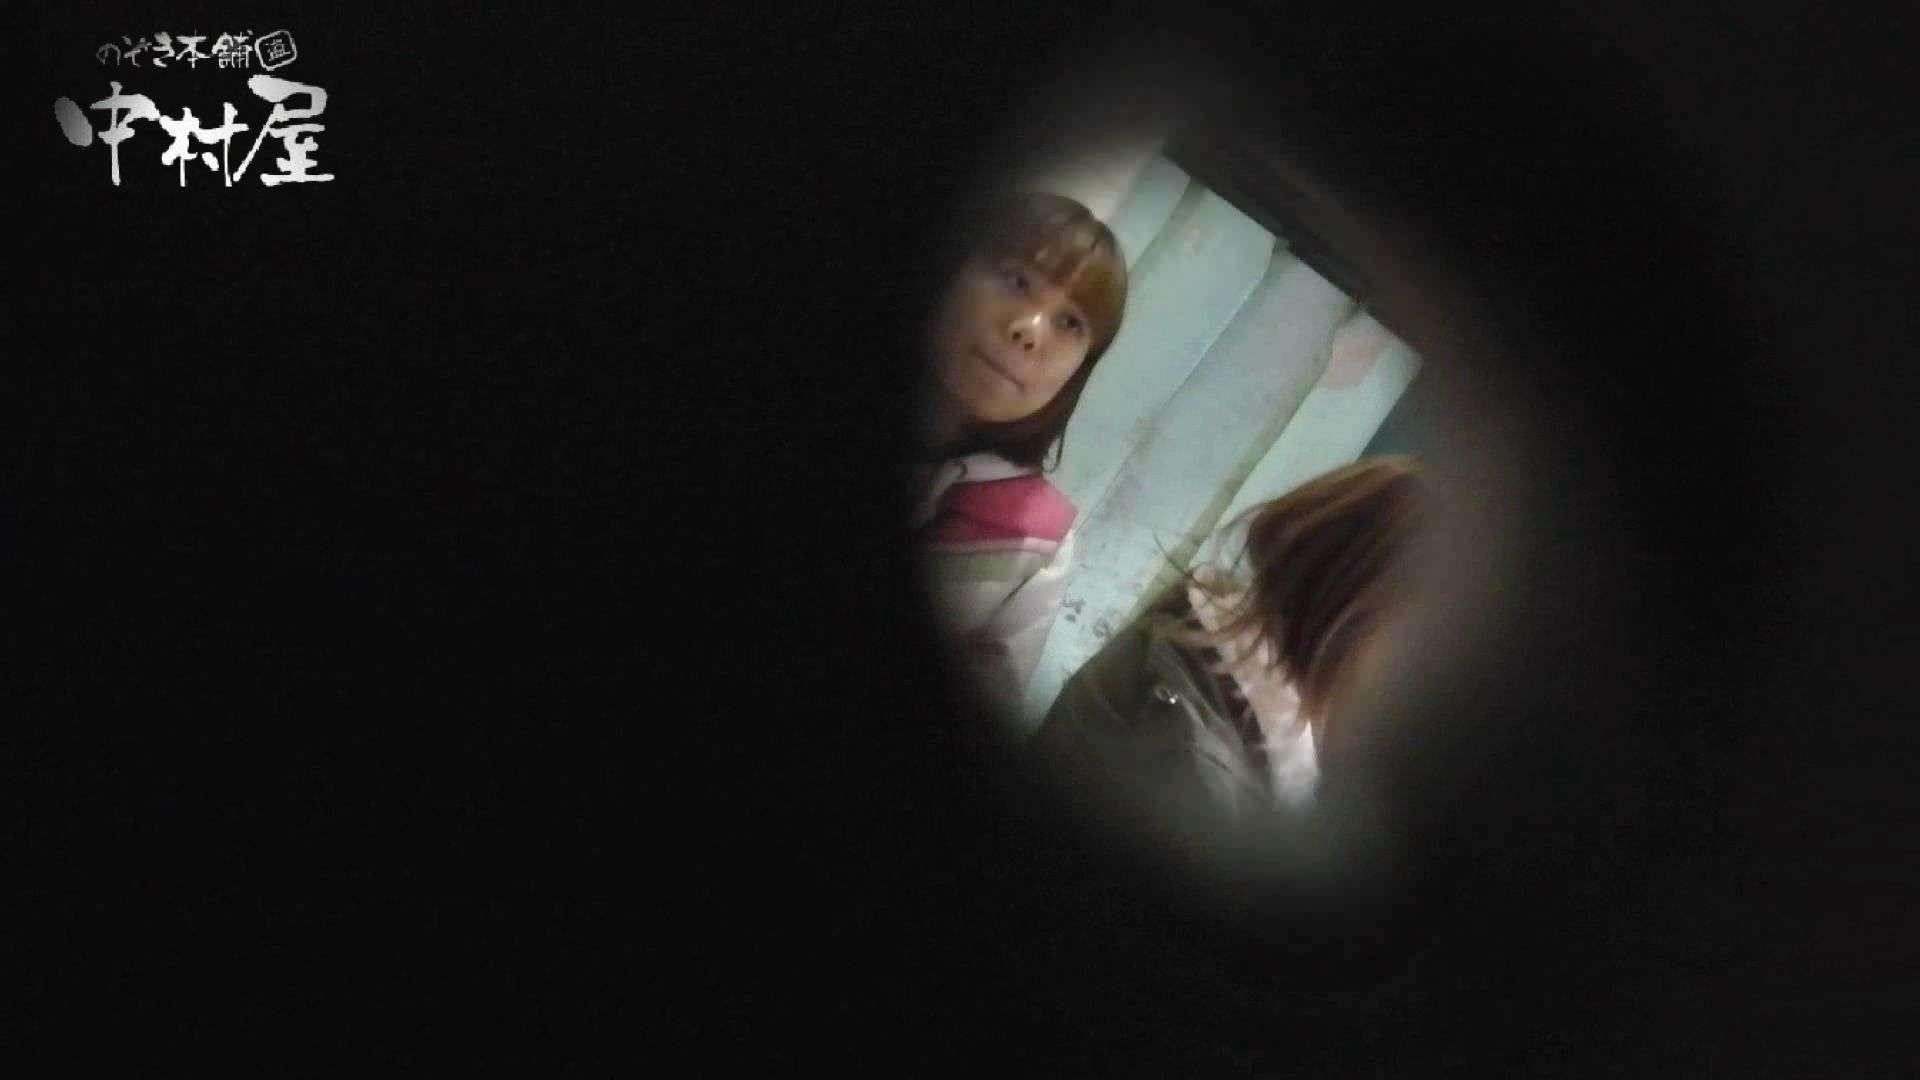 【世界の射窓から】世界の射窓から vol.18後編 0  88pic 62